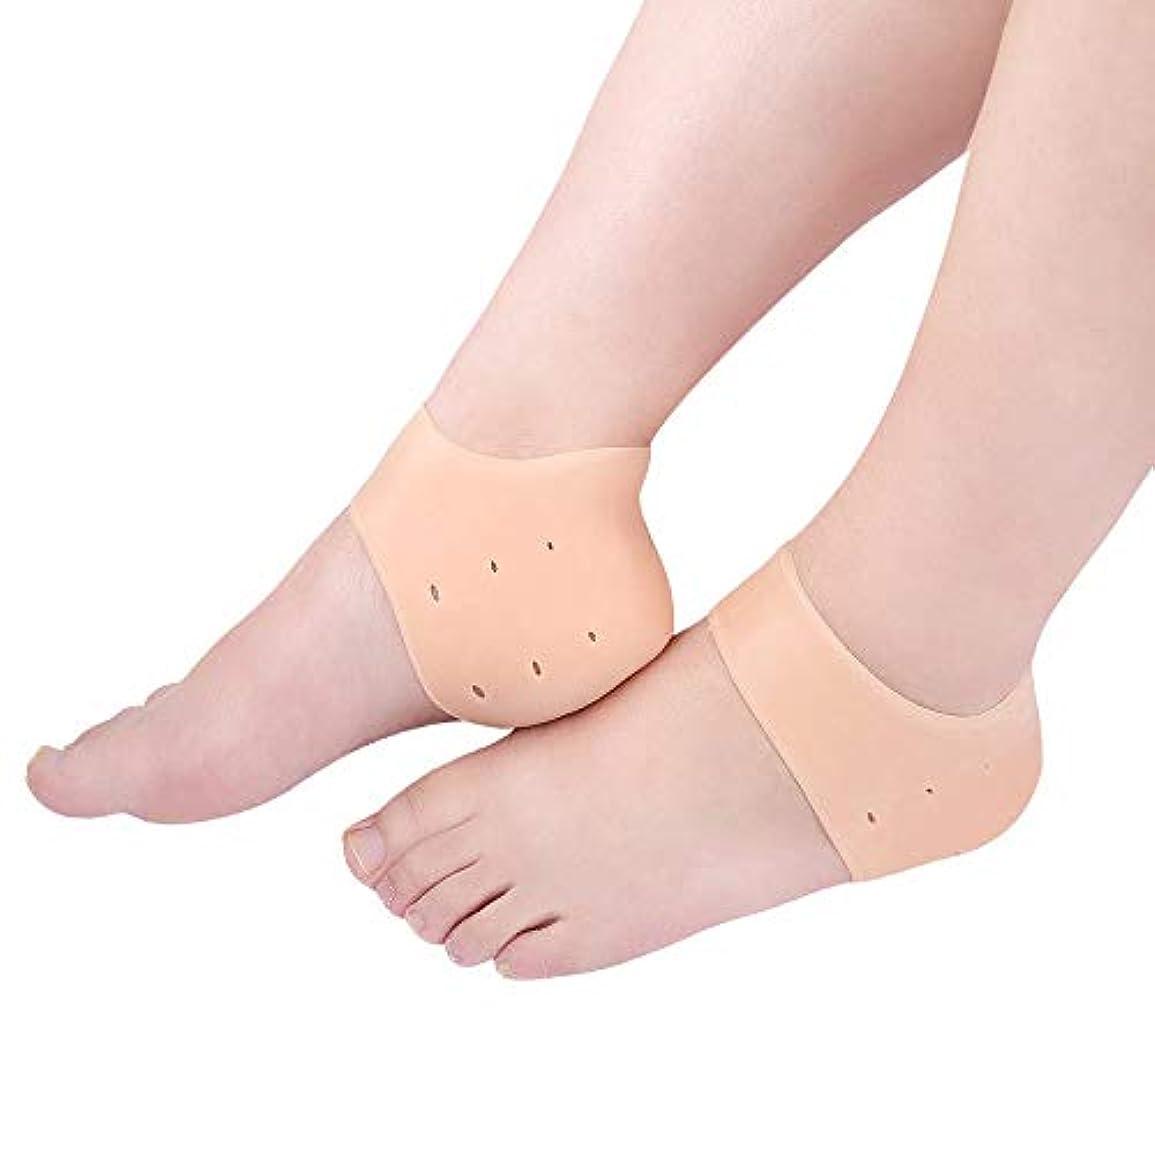 全く単なる条件付き自然なひびの入ったヒールトリートメント-ジェルソックス、ヒールペインリリーフ-足底筋膜炎、アキレス腱炎、カルス、骨棘を治療します。